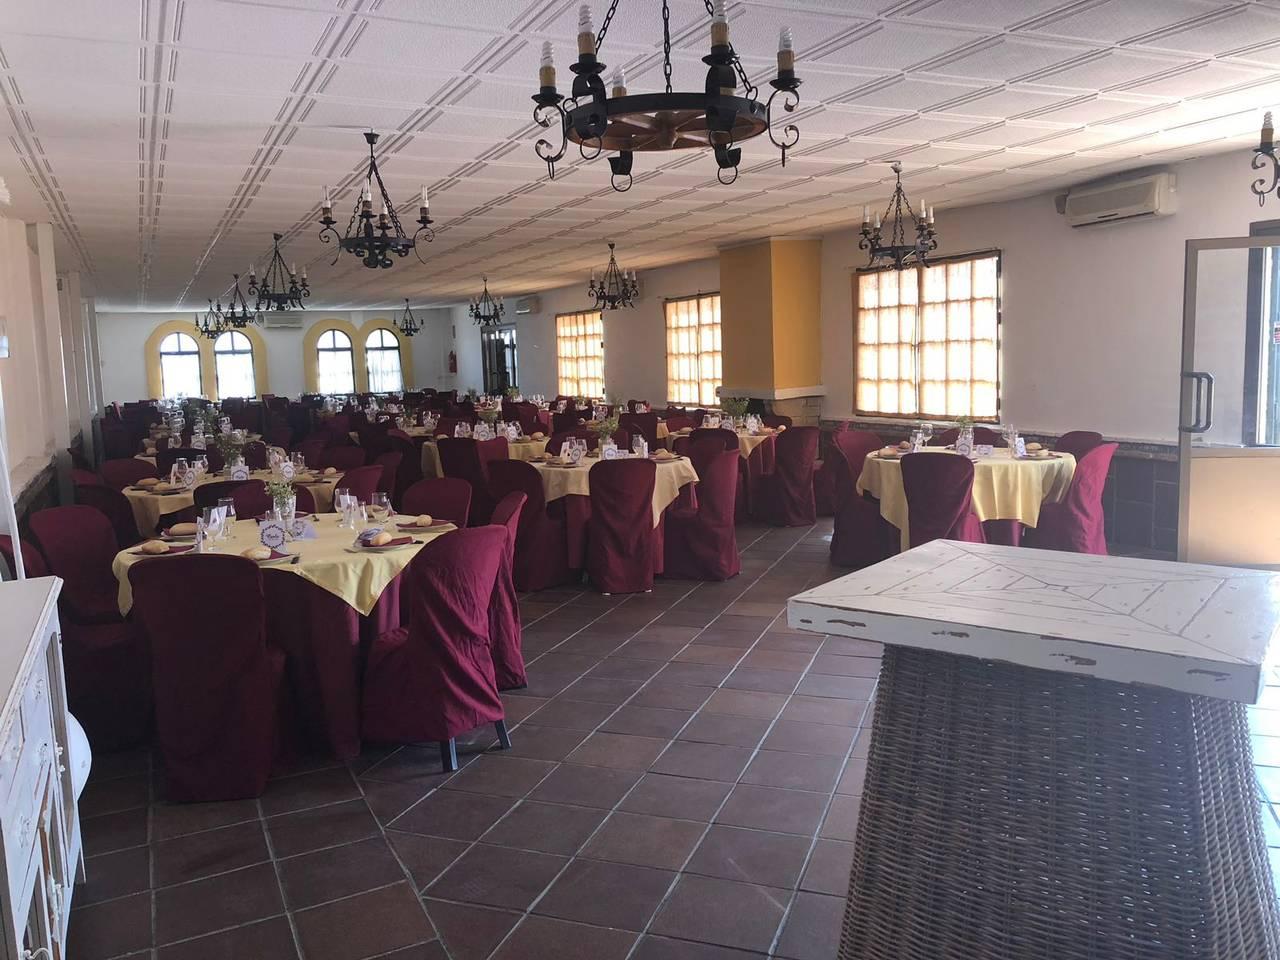 Alquiler de salón de celebraciones en Espartinas (Sevilla)  - Foto 2